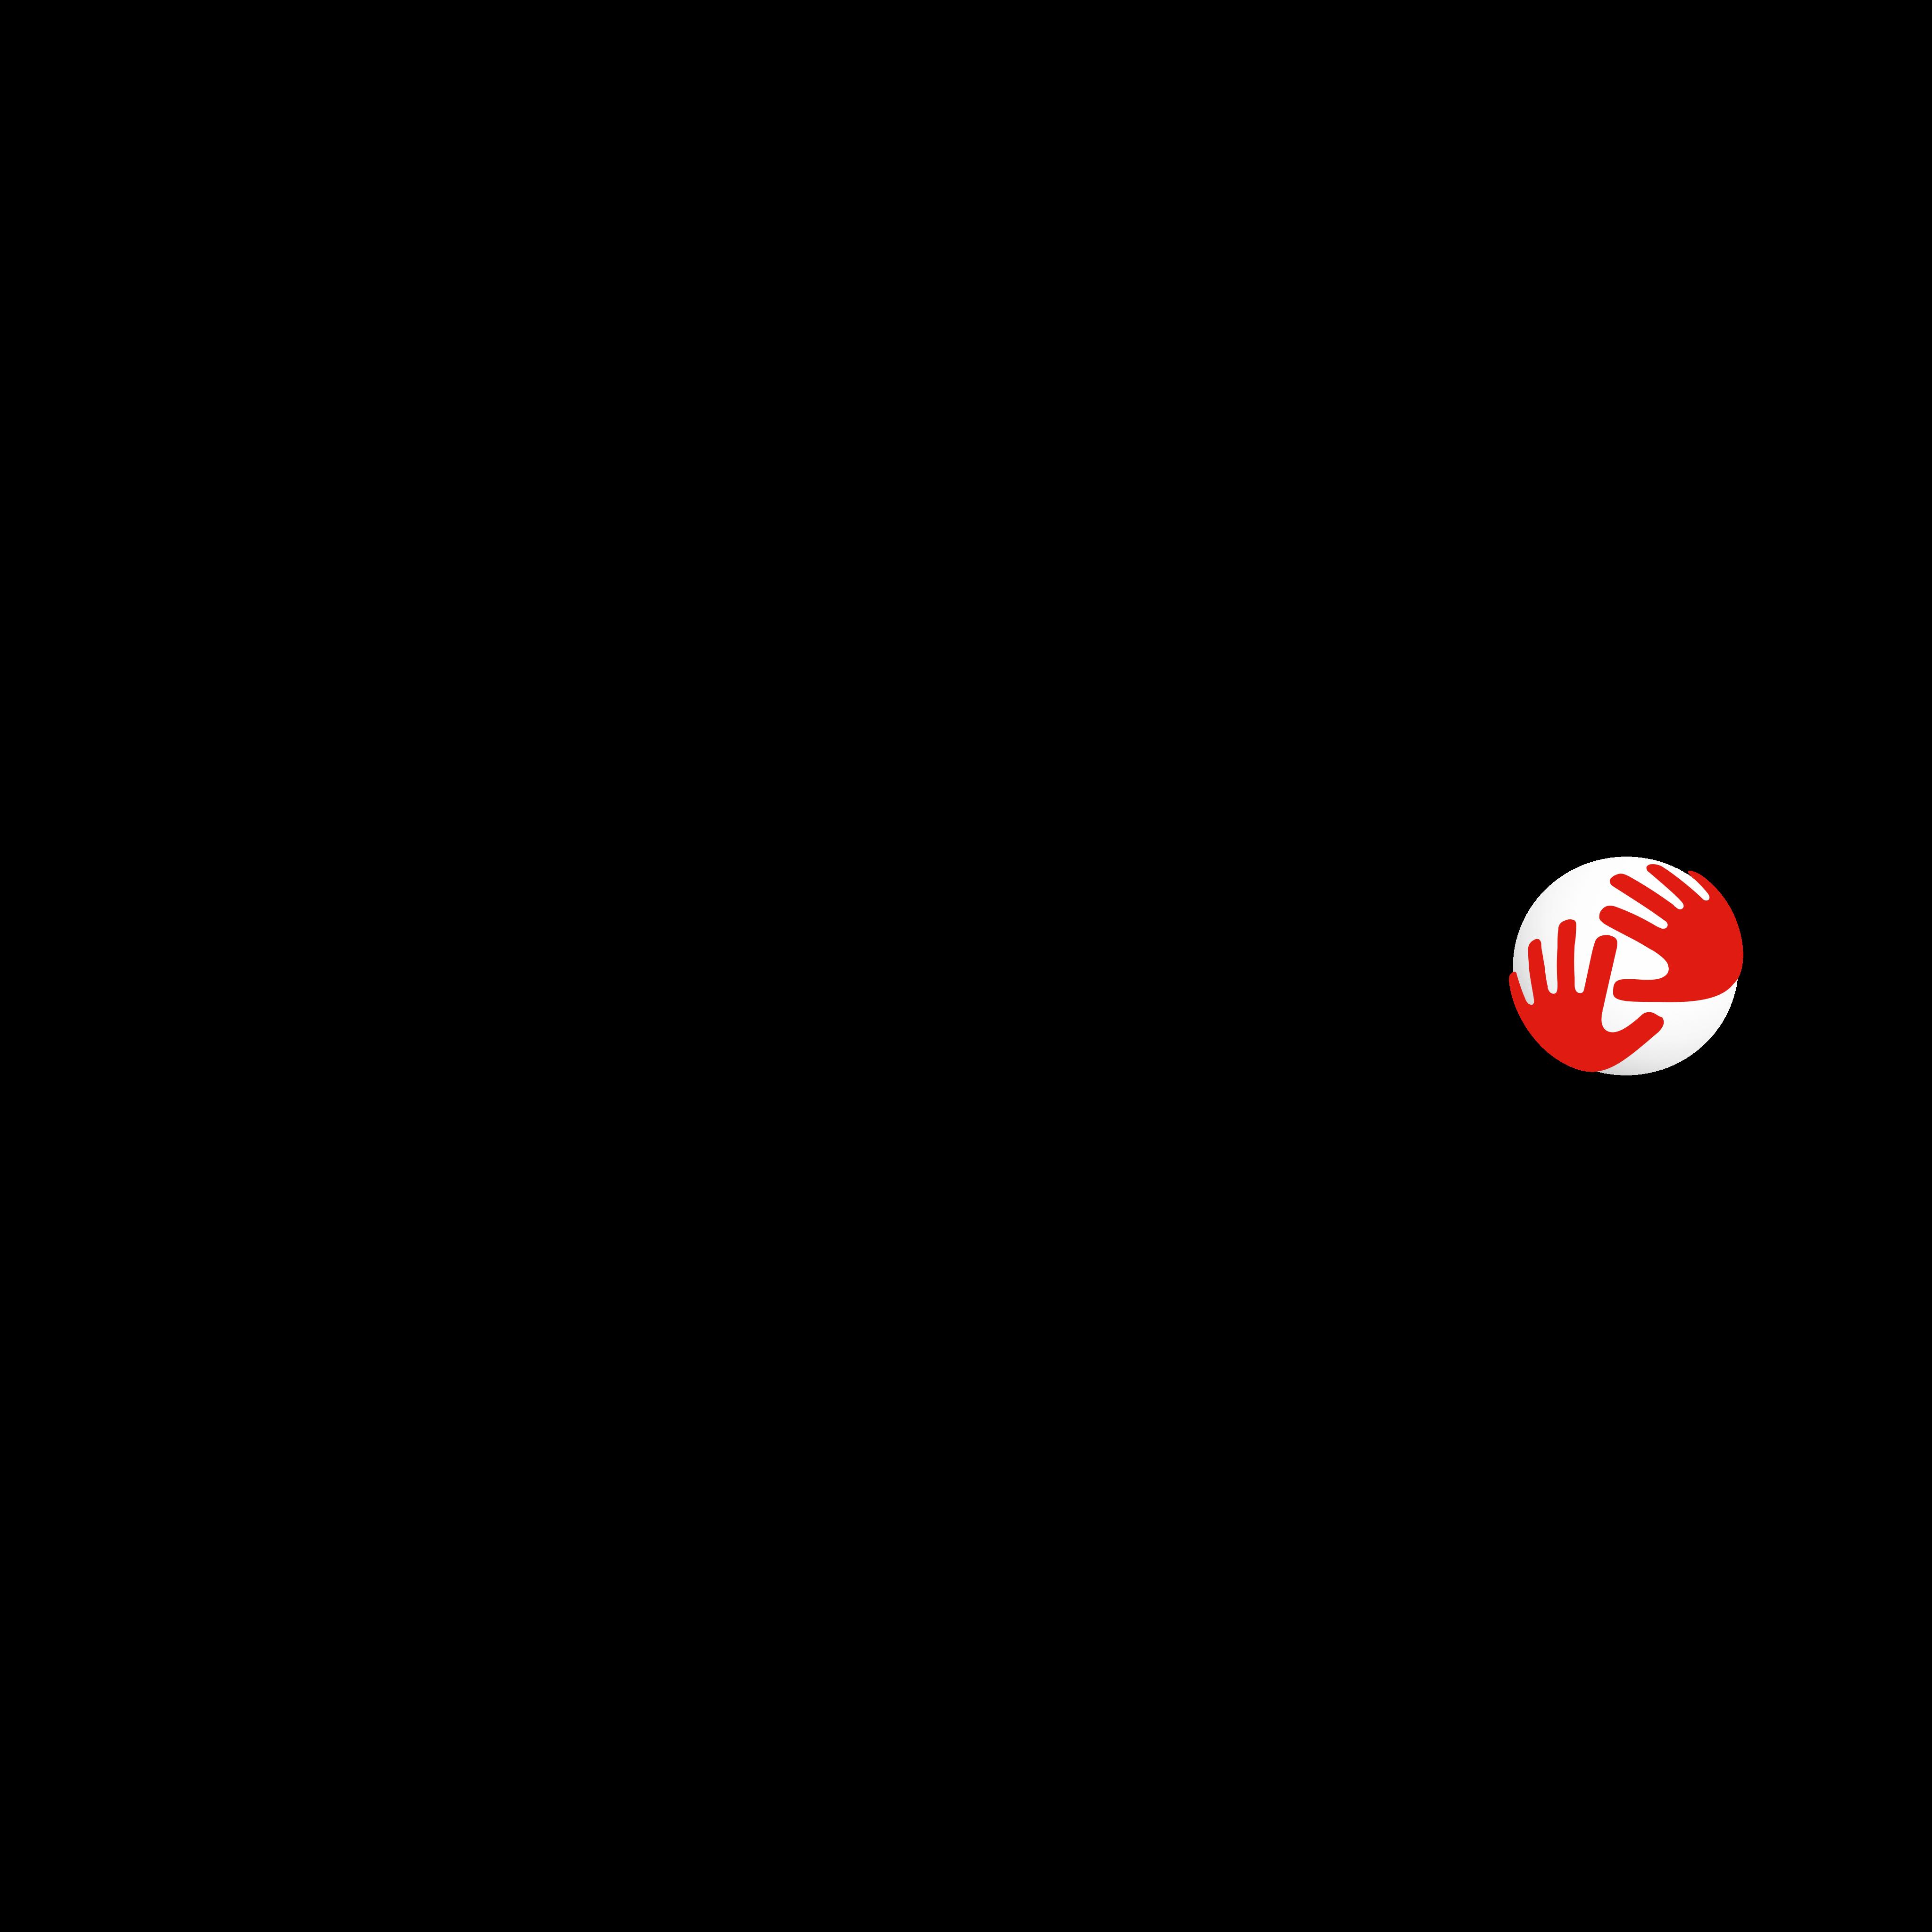 TomTom Logo PNG.